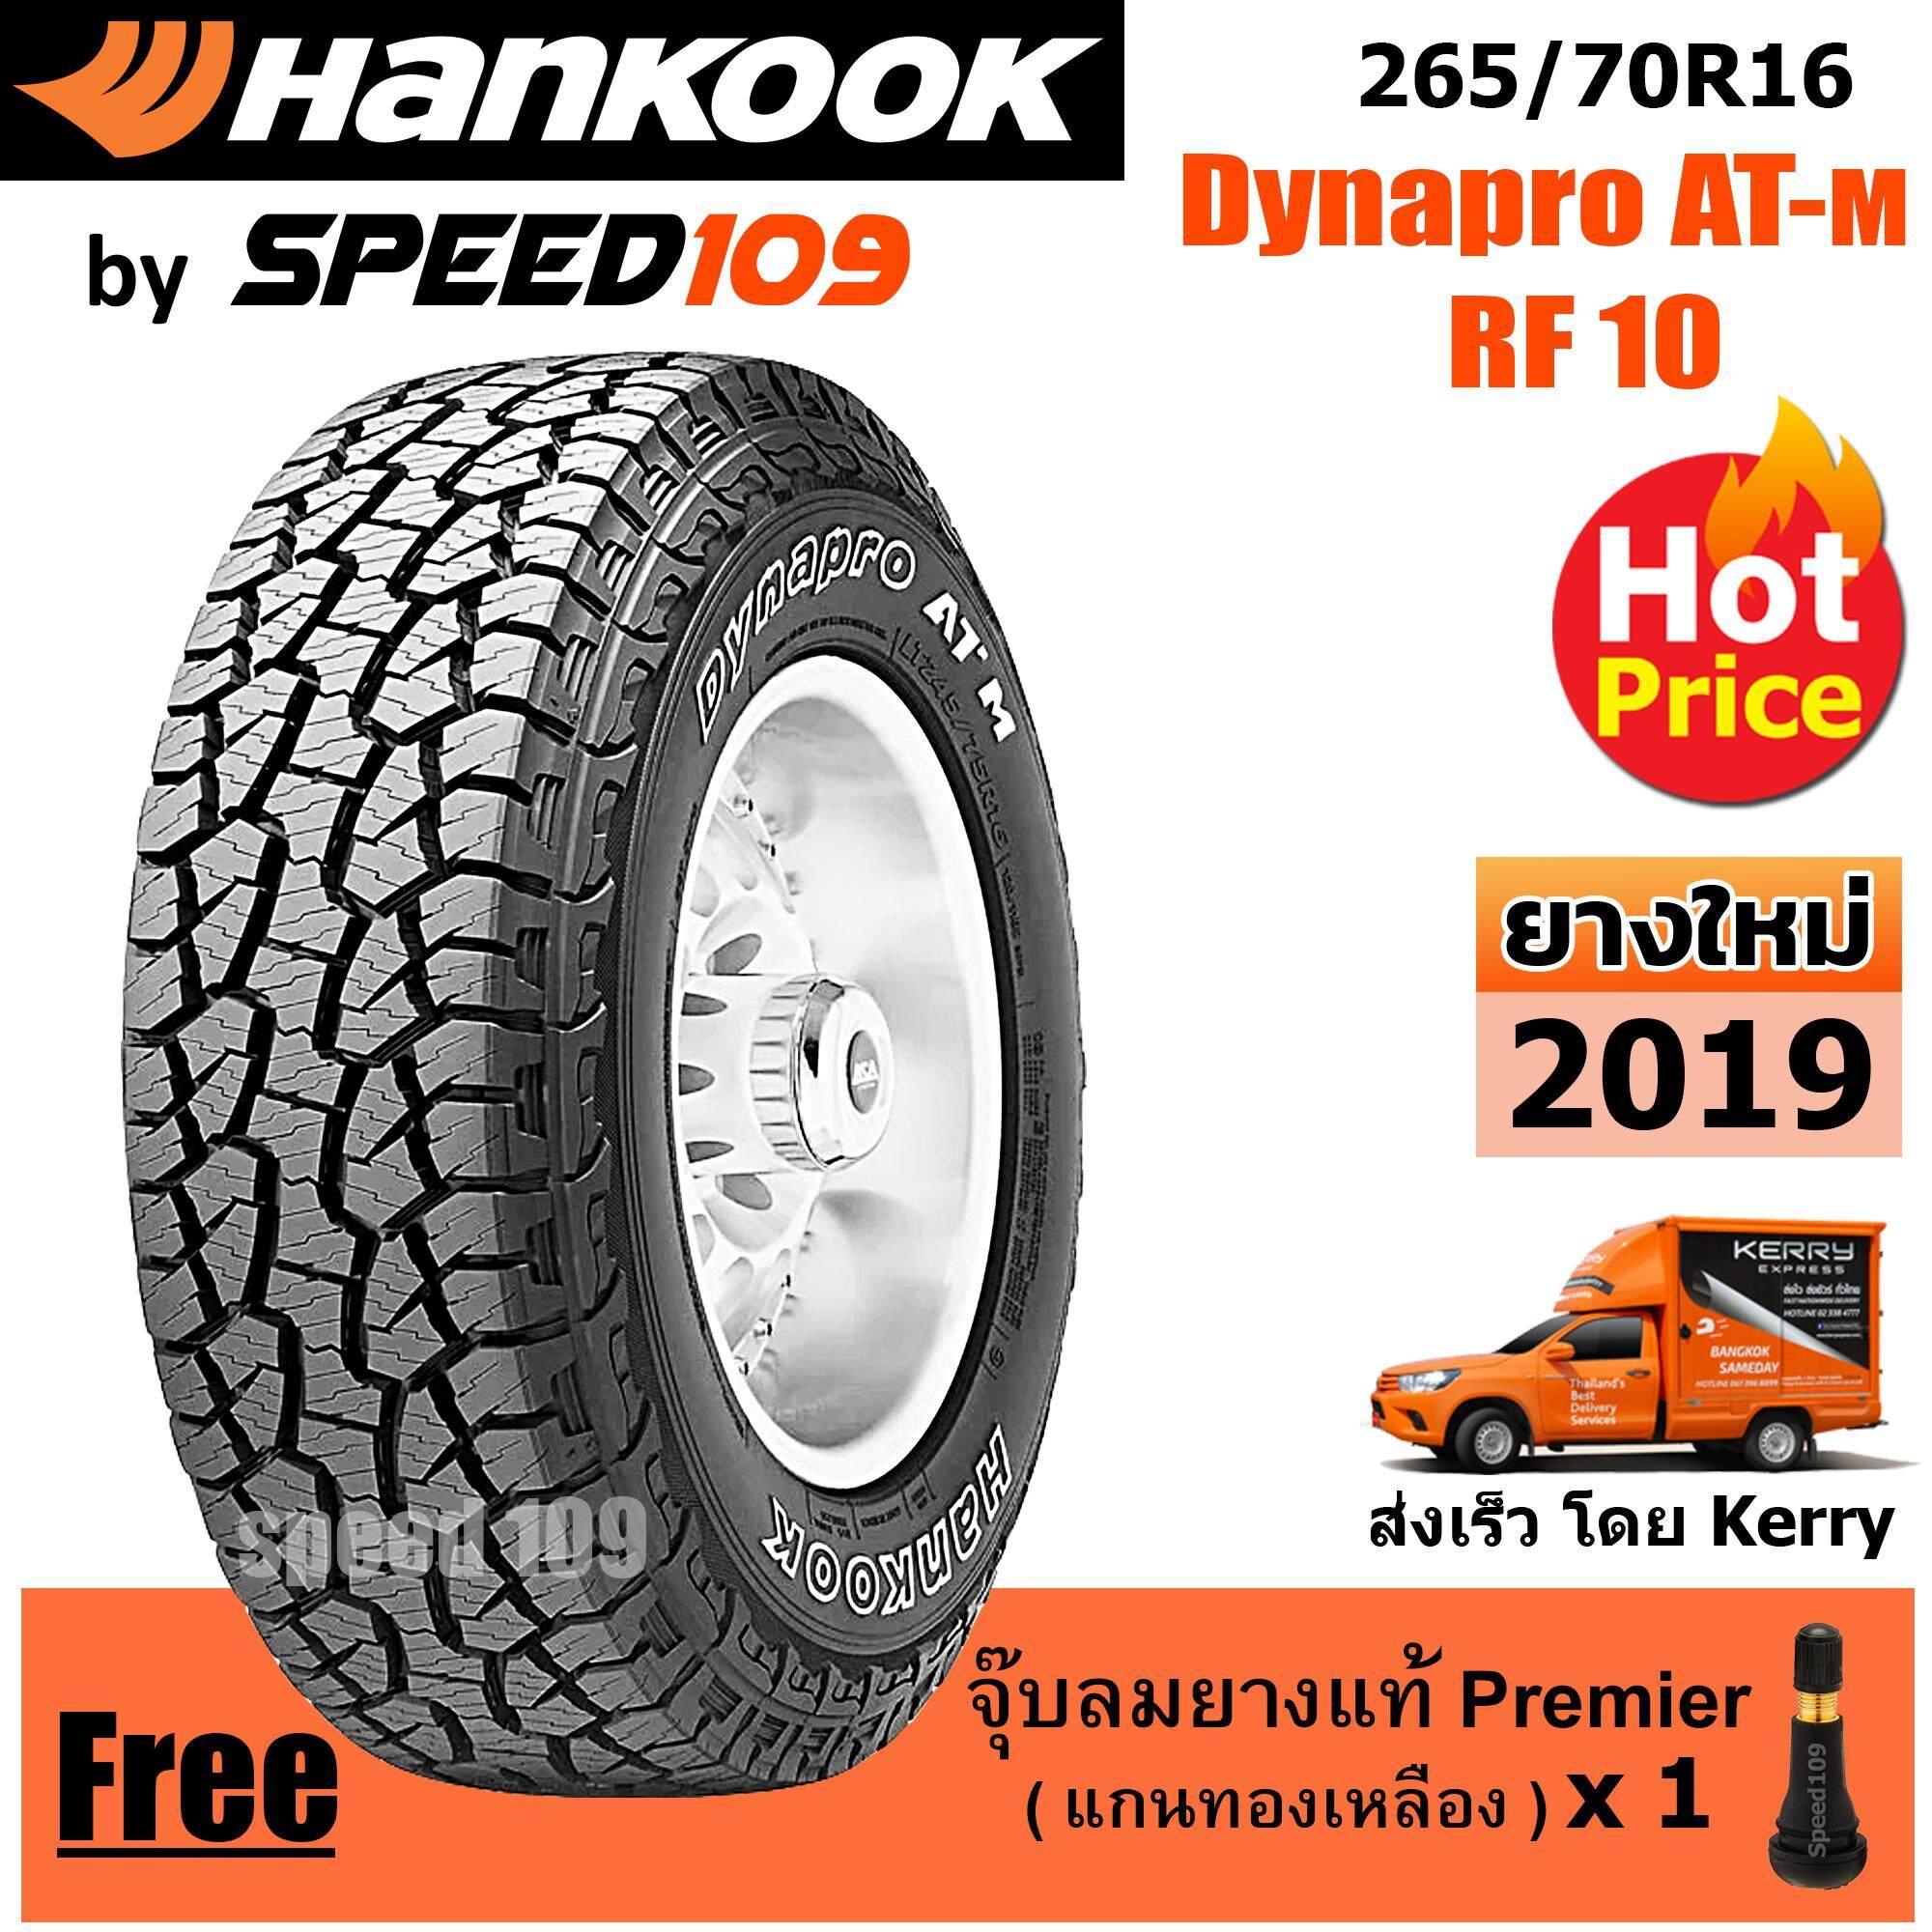 ประกันภัย รถยนต์ ชั้น 3 ราคา ถูก ตรัง HANKOOK ยางรถยนต์ ขอบ 16 ขนาด 265/70R16 รุ่น Dynapro ATM  RF10 - 1 เส้น (ปี 2019)